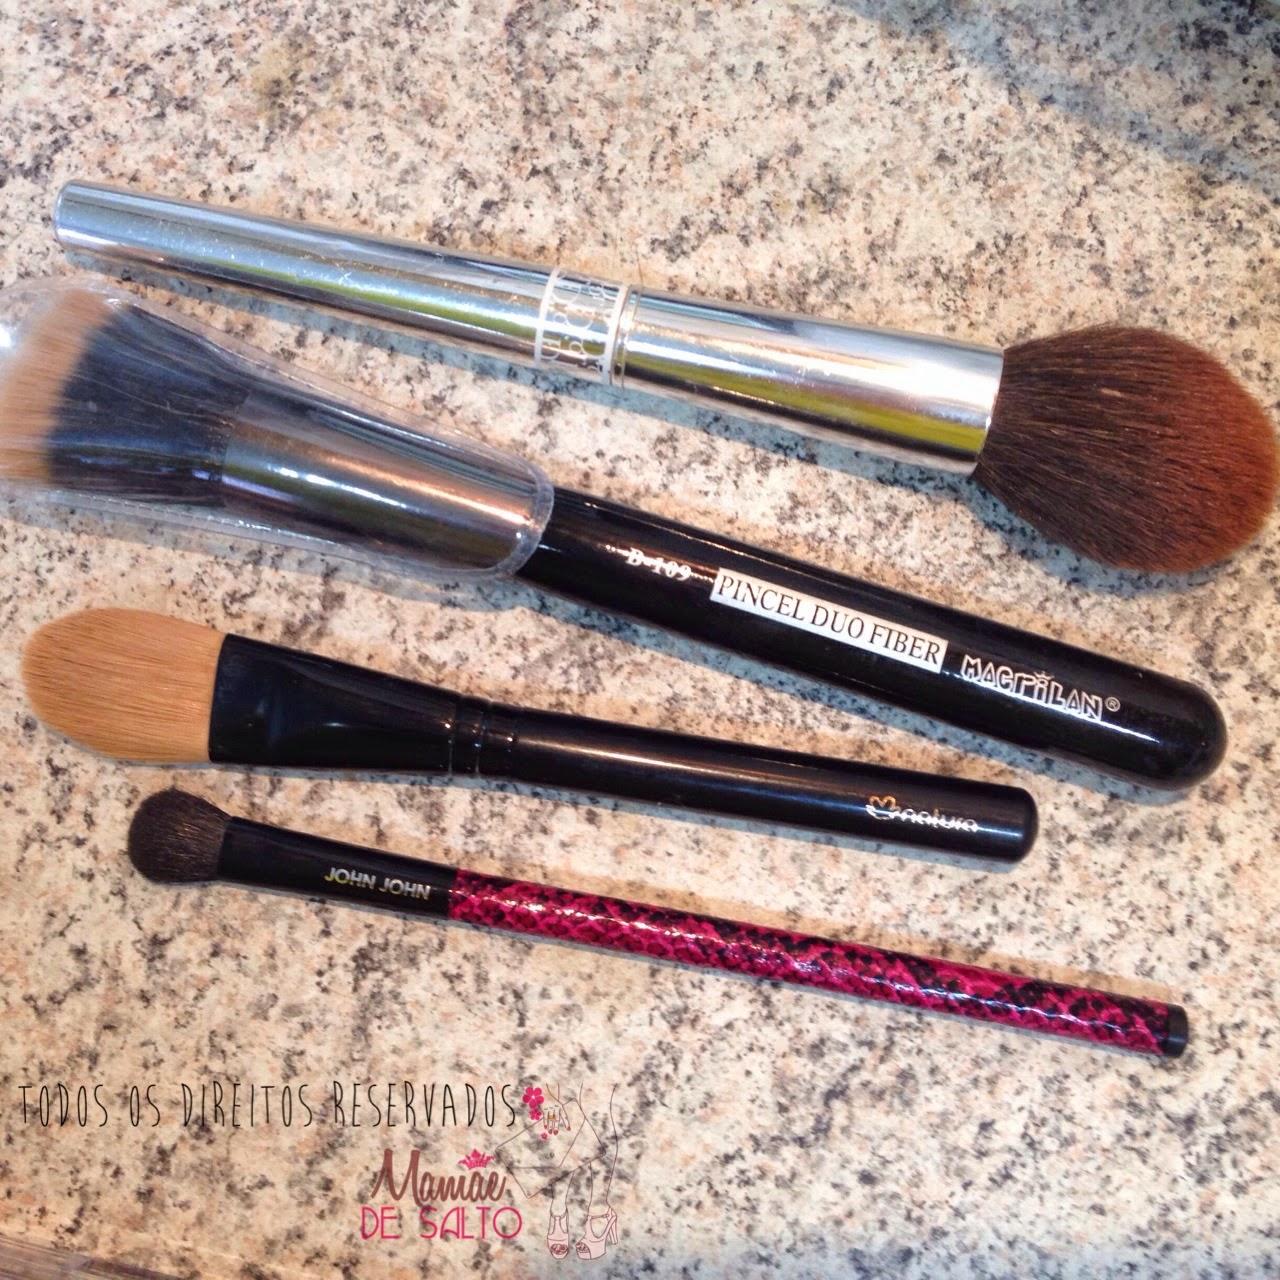 pincéis maquiagem básica da mamãe: dior, macrilan, natura, john john - todos os direitos reservados ao blog Mamãe de Salto